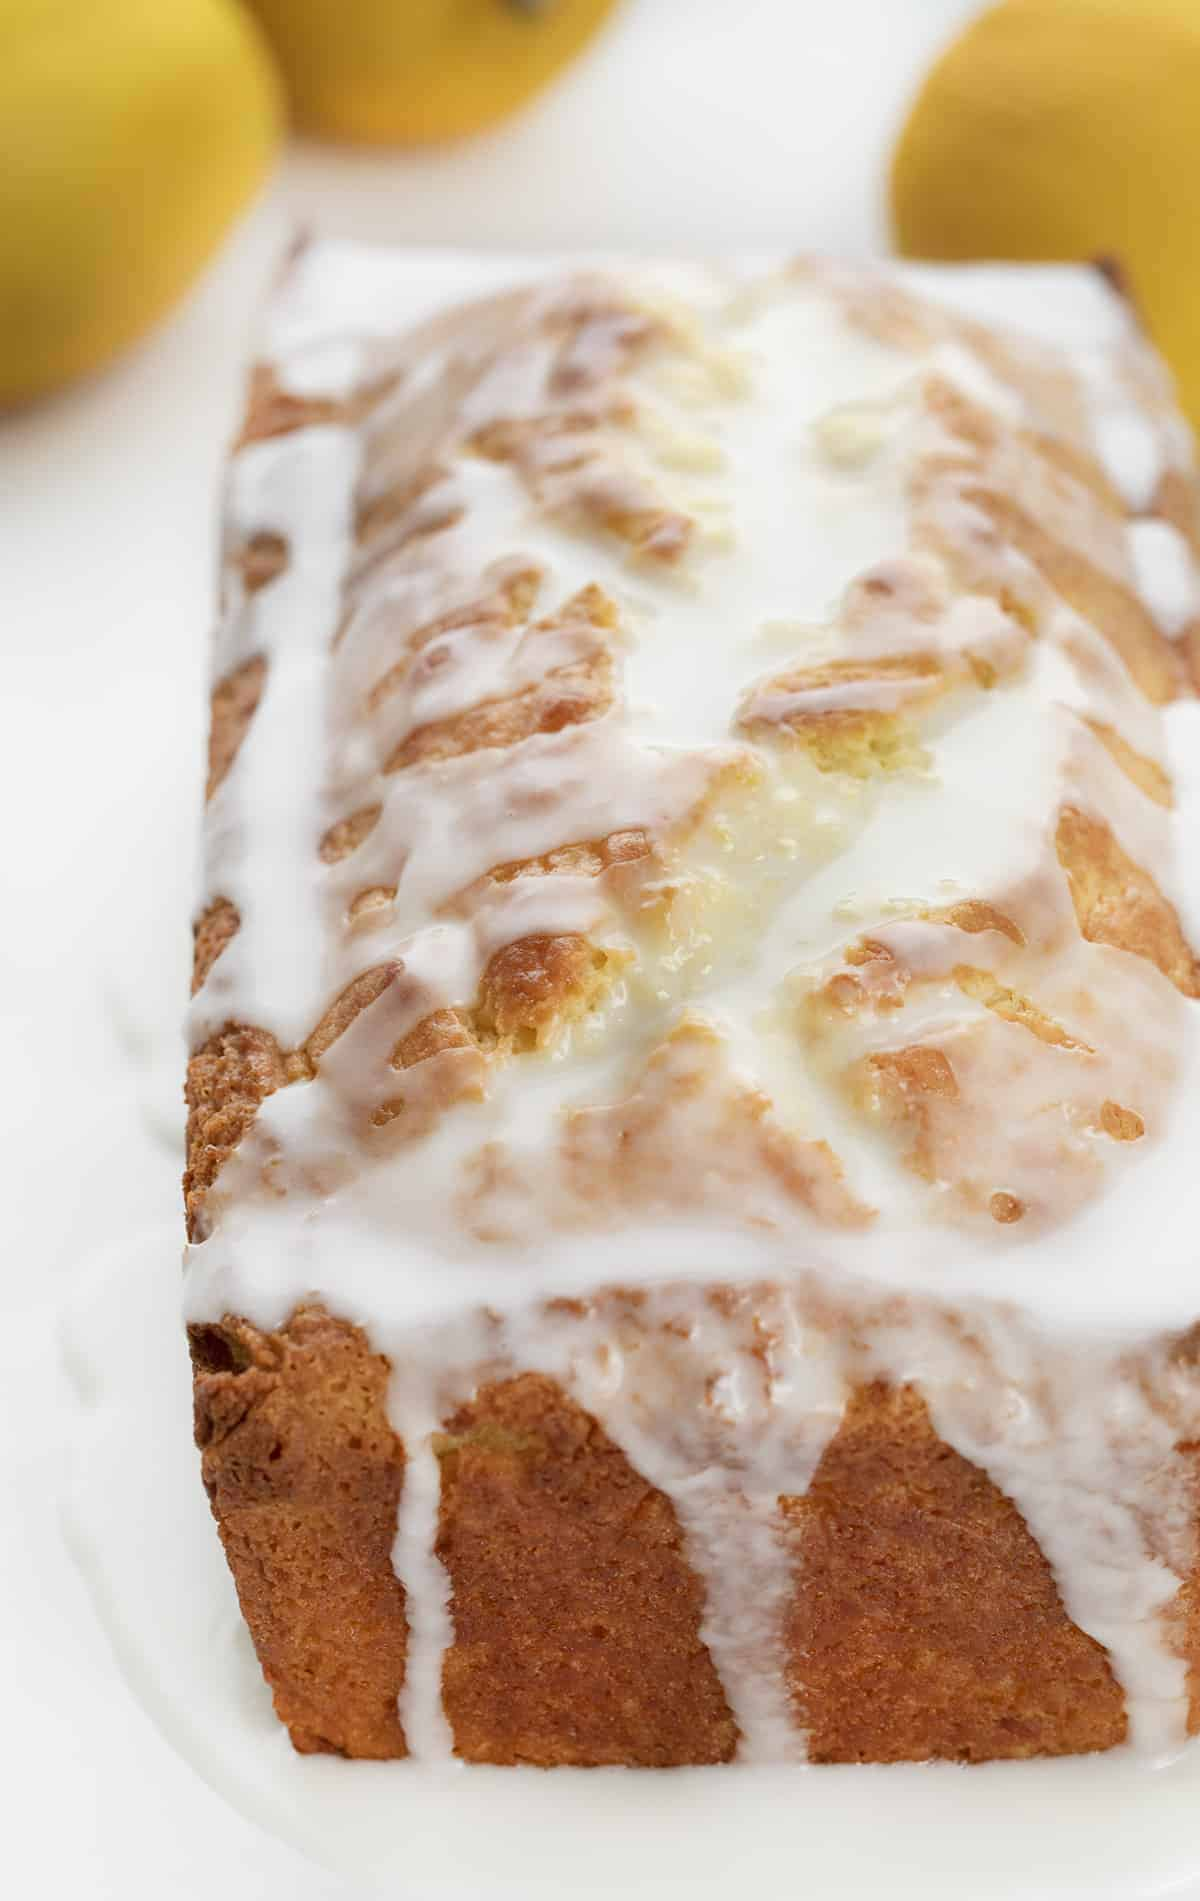 Lemon Loaf Recipe (Starbucks Copycat Lemon Loaf) with Lemon Glaze